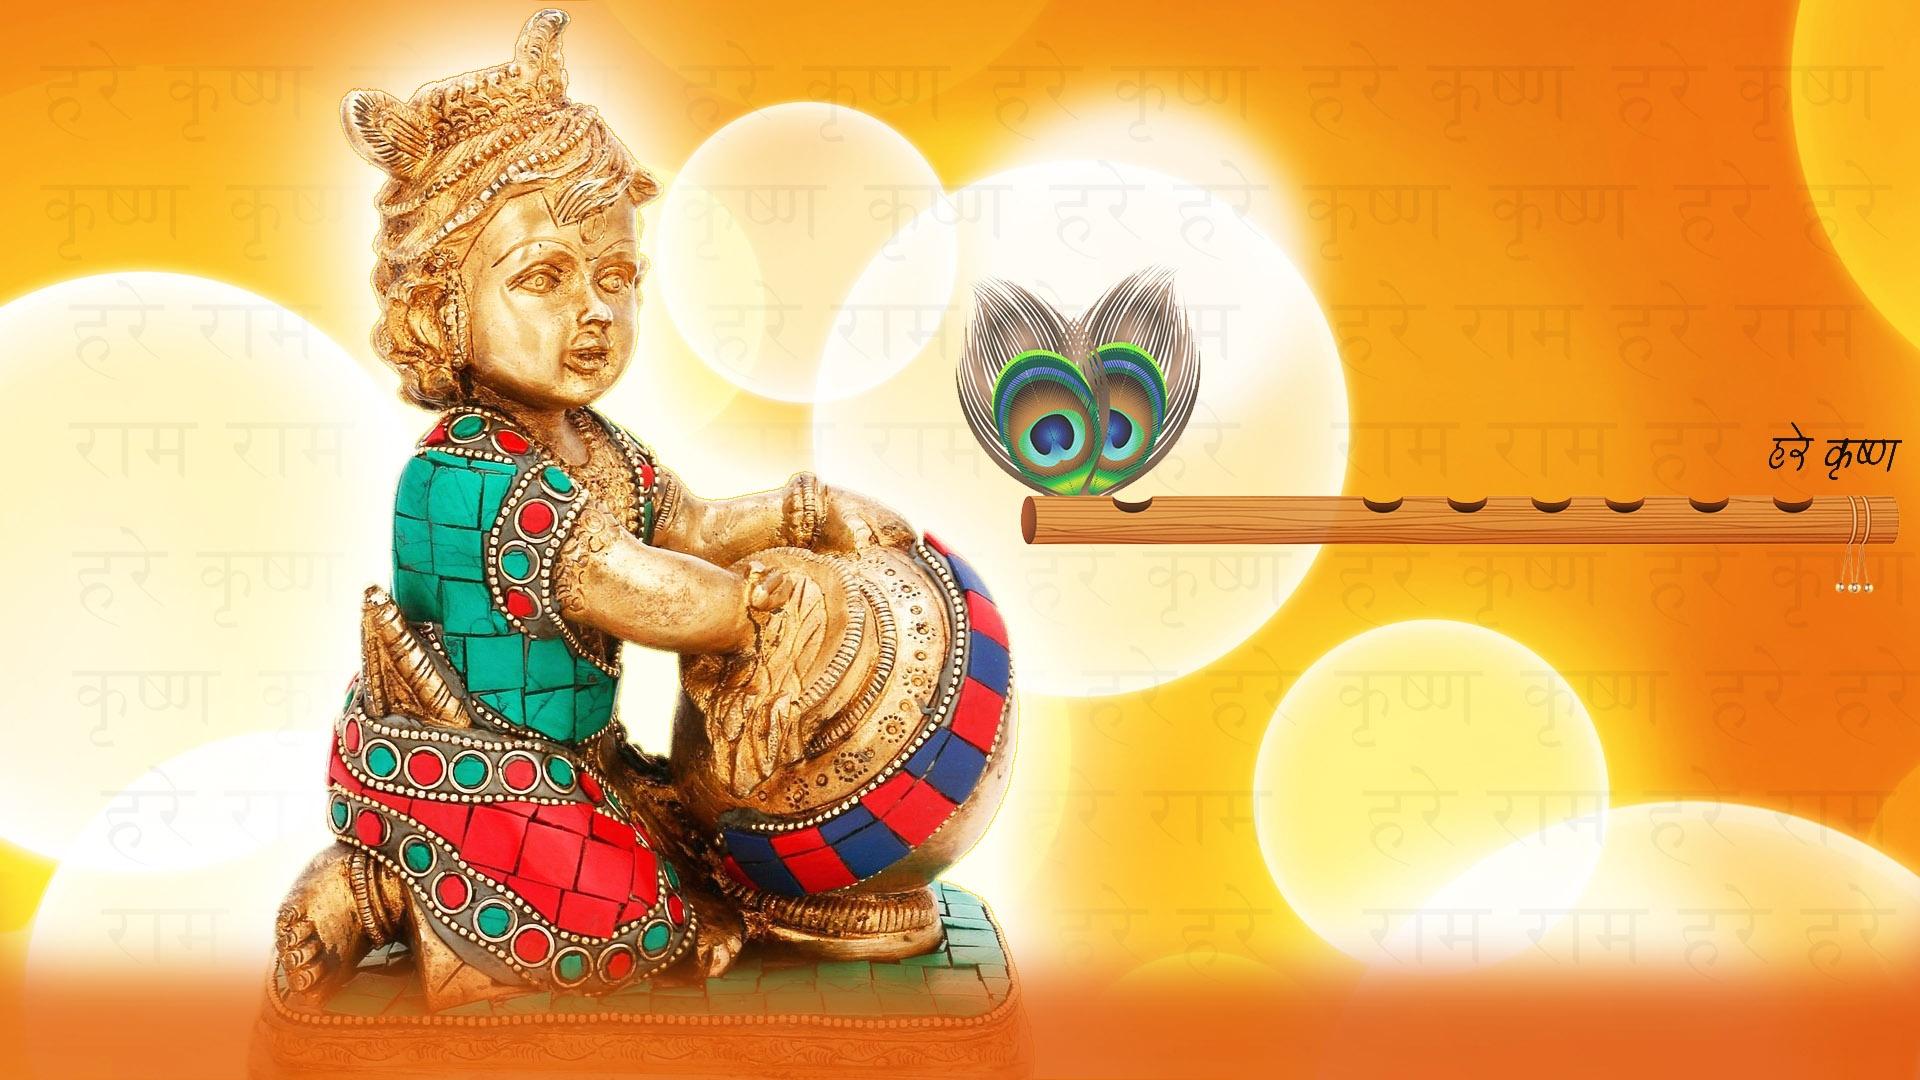 Lord Krishna Flute - Hd Wallpapers 1920x1080 Lord Krishna - HD Wallpaper